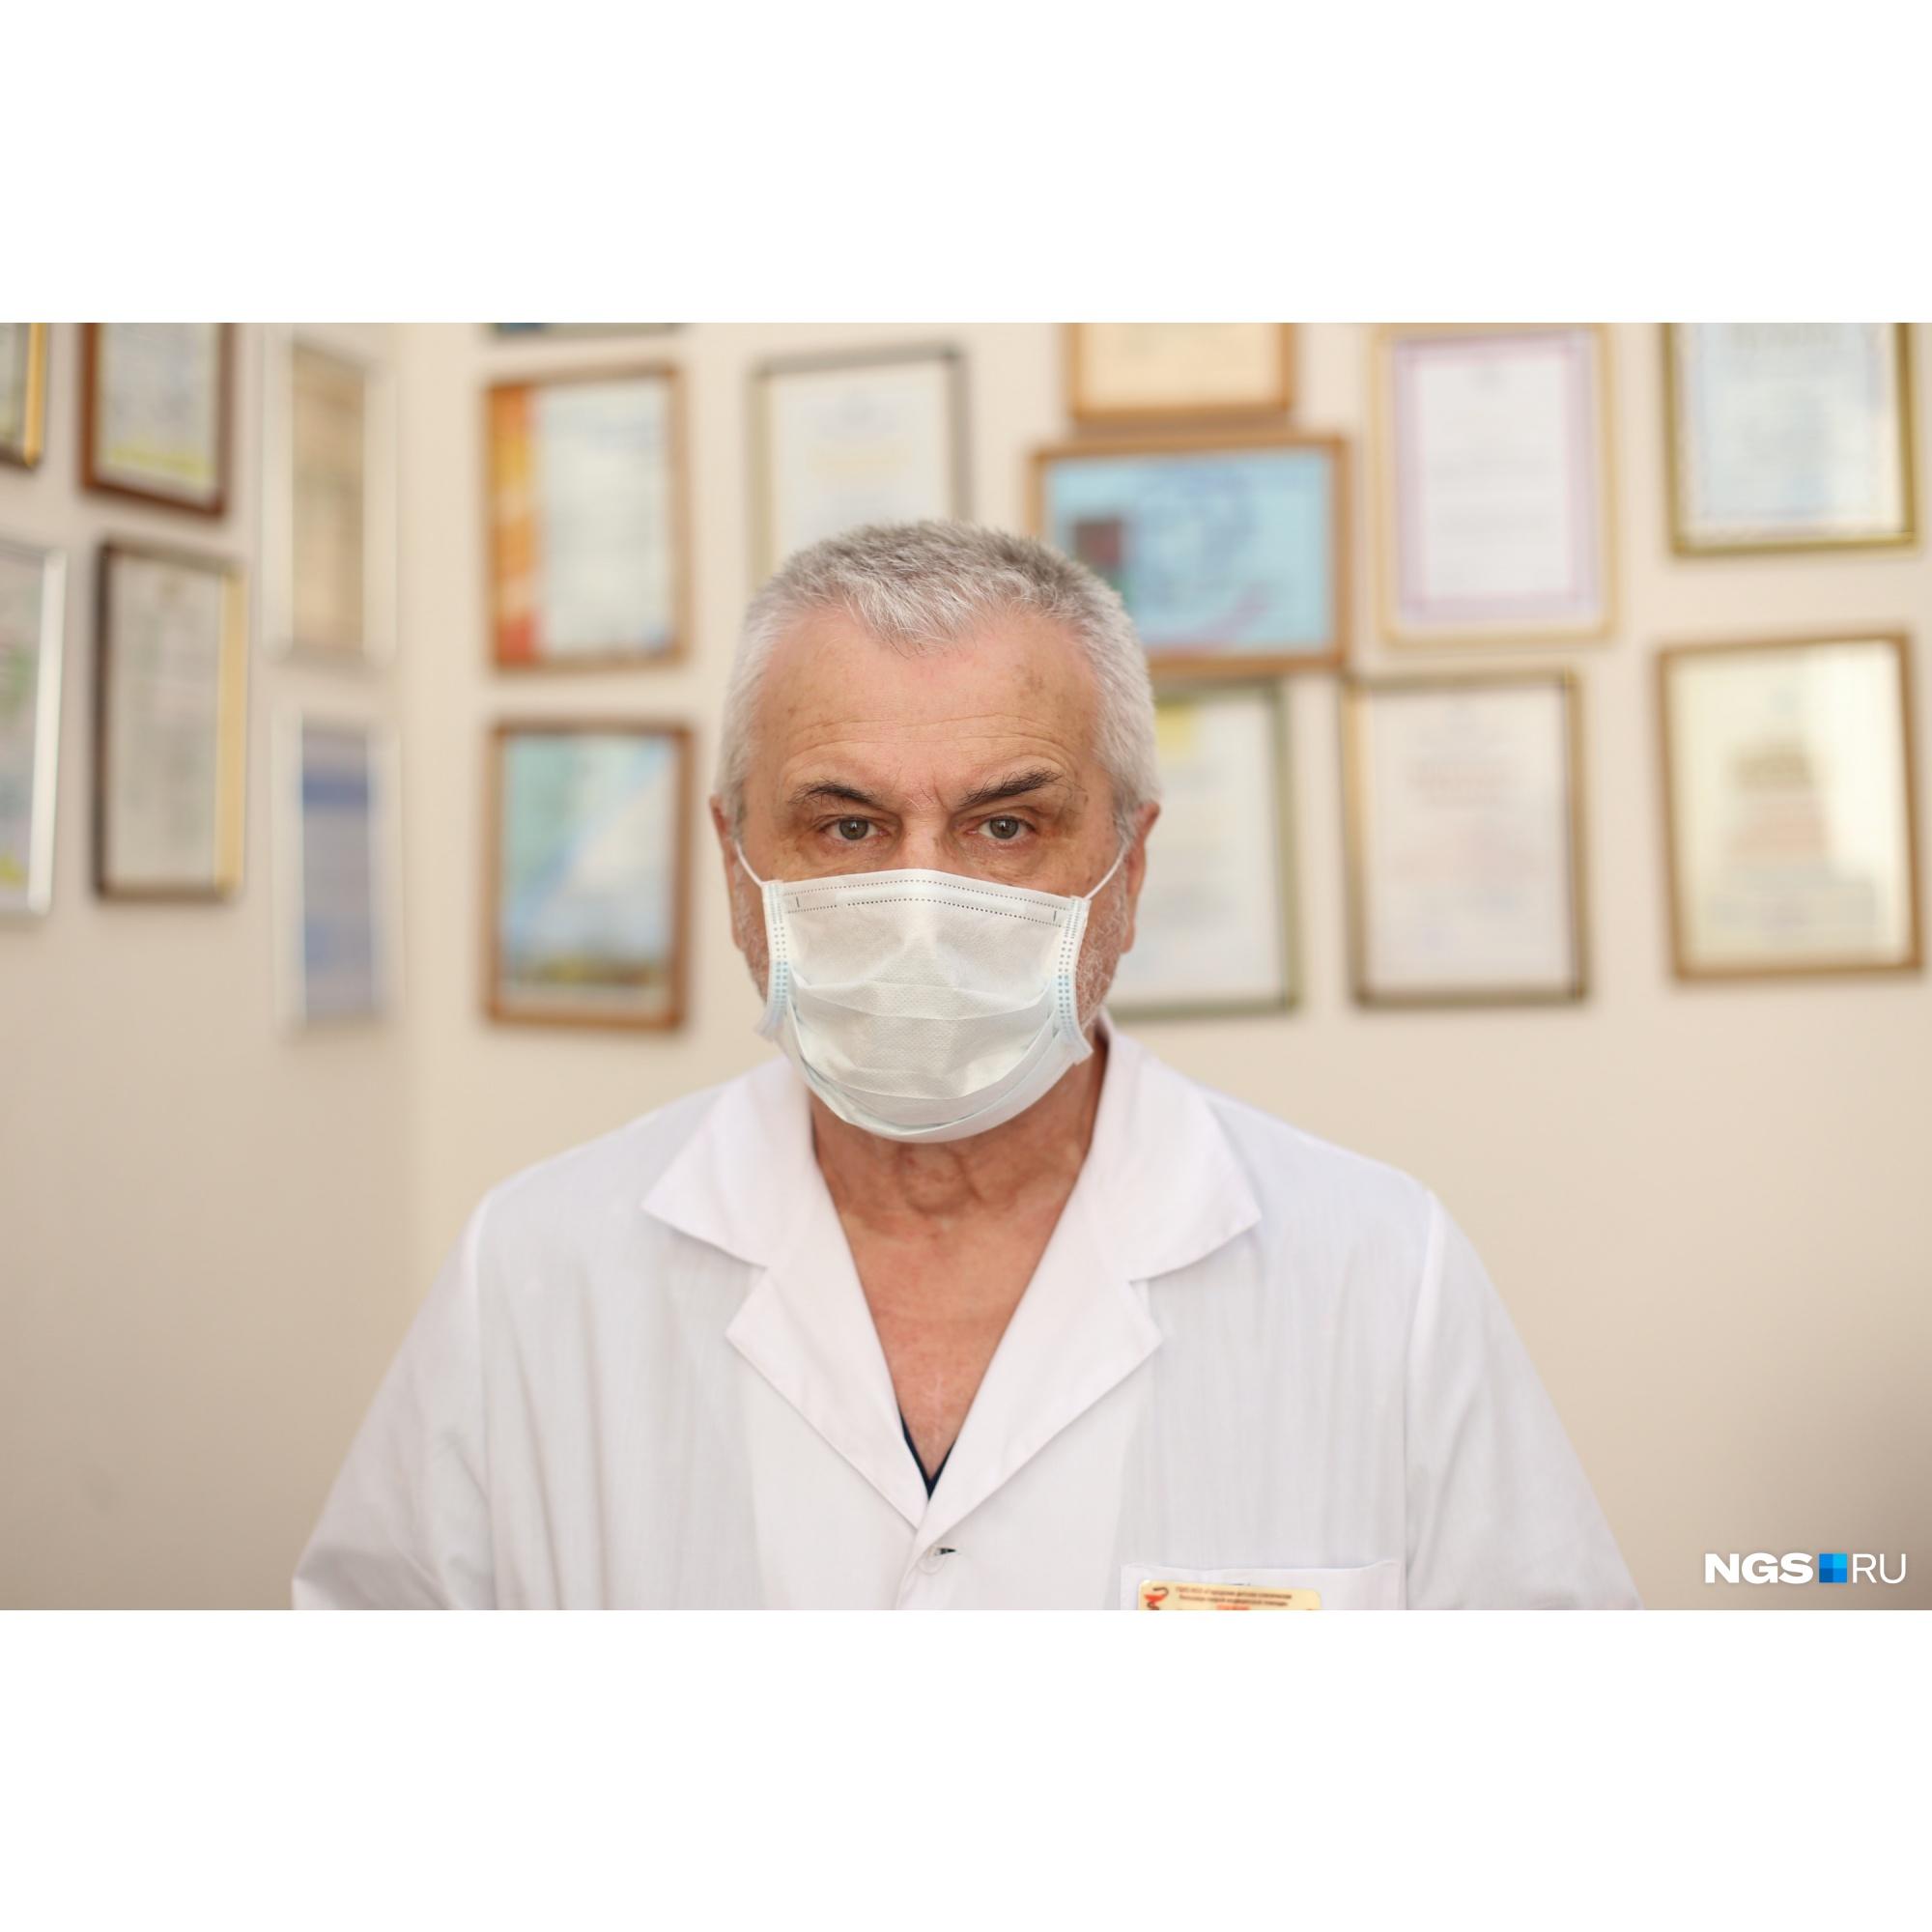 Владимир Бокуть говорит, чтопадение с высоты всегда приводит к очень тяжёлым травмам, которые зависят от того, на что именно упал ребёнок. Черепно-мозговая травма утяжеляет другие повреждения во много раз